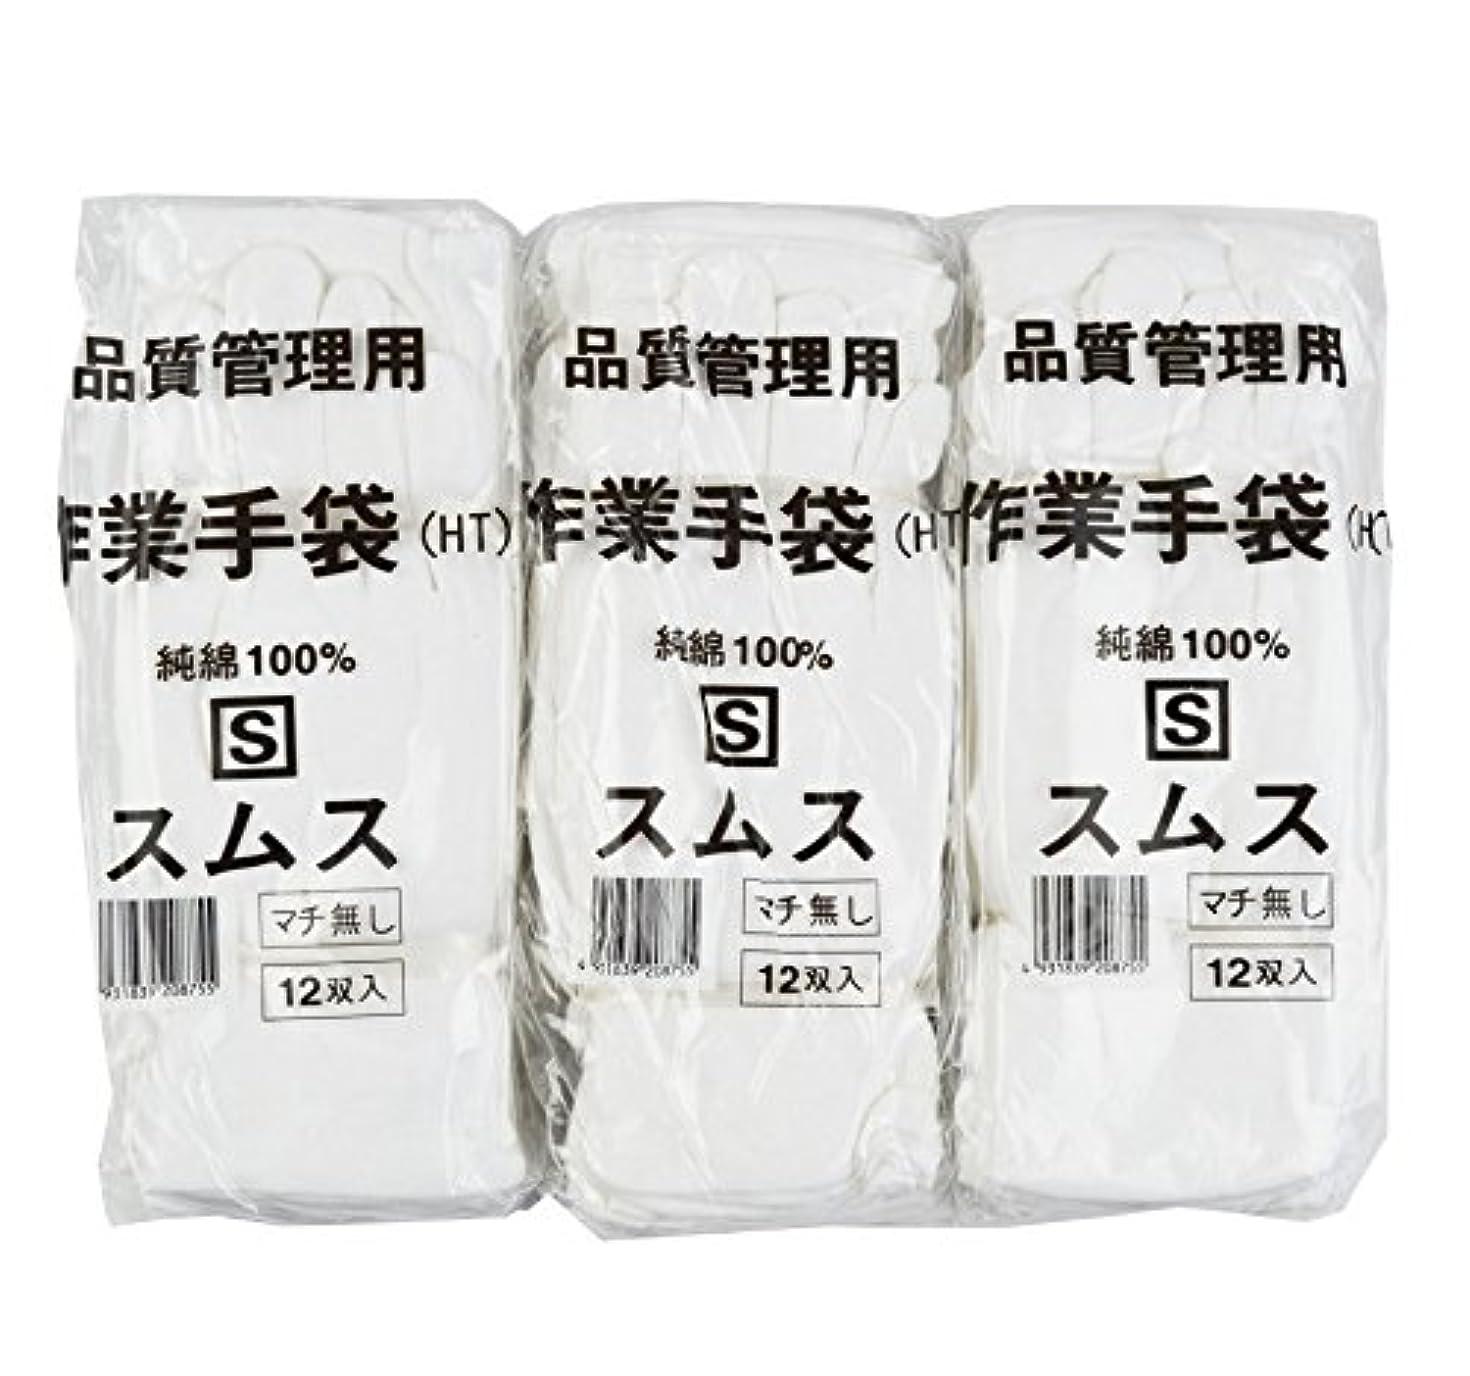 楽しませる瀬戸際怒っている【お得なセット売り】 (36双) 純綿100% スムス 手袋 Sサイズ 12双×3袋セット 女性に最適 多用途 101114